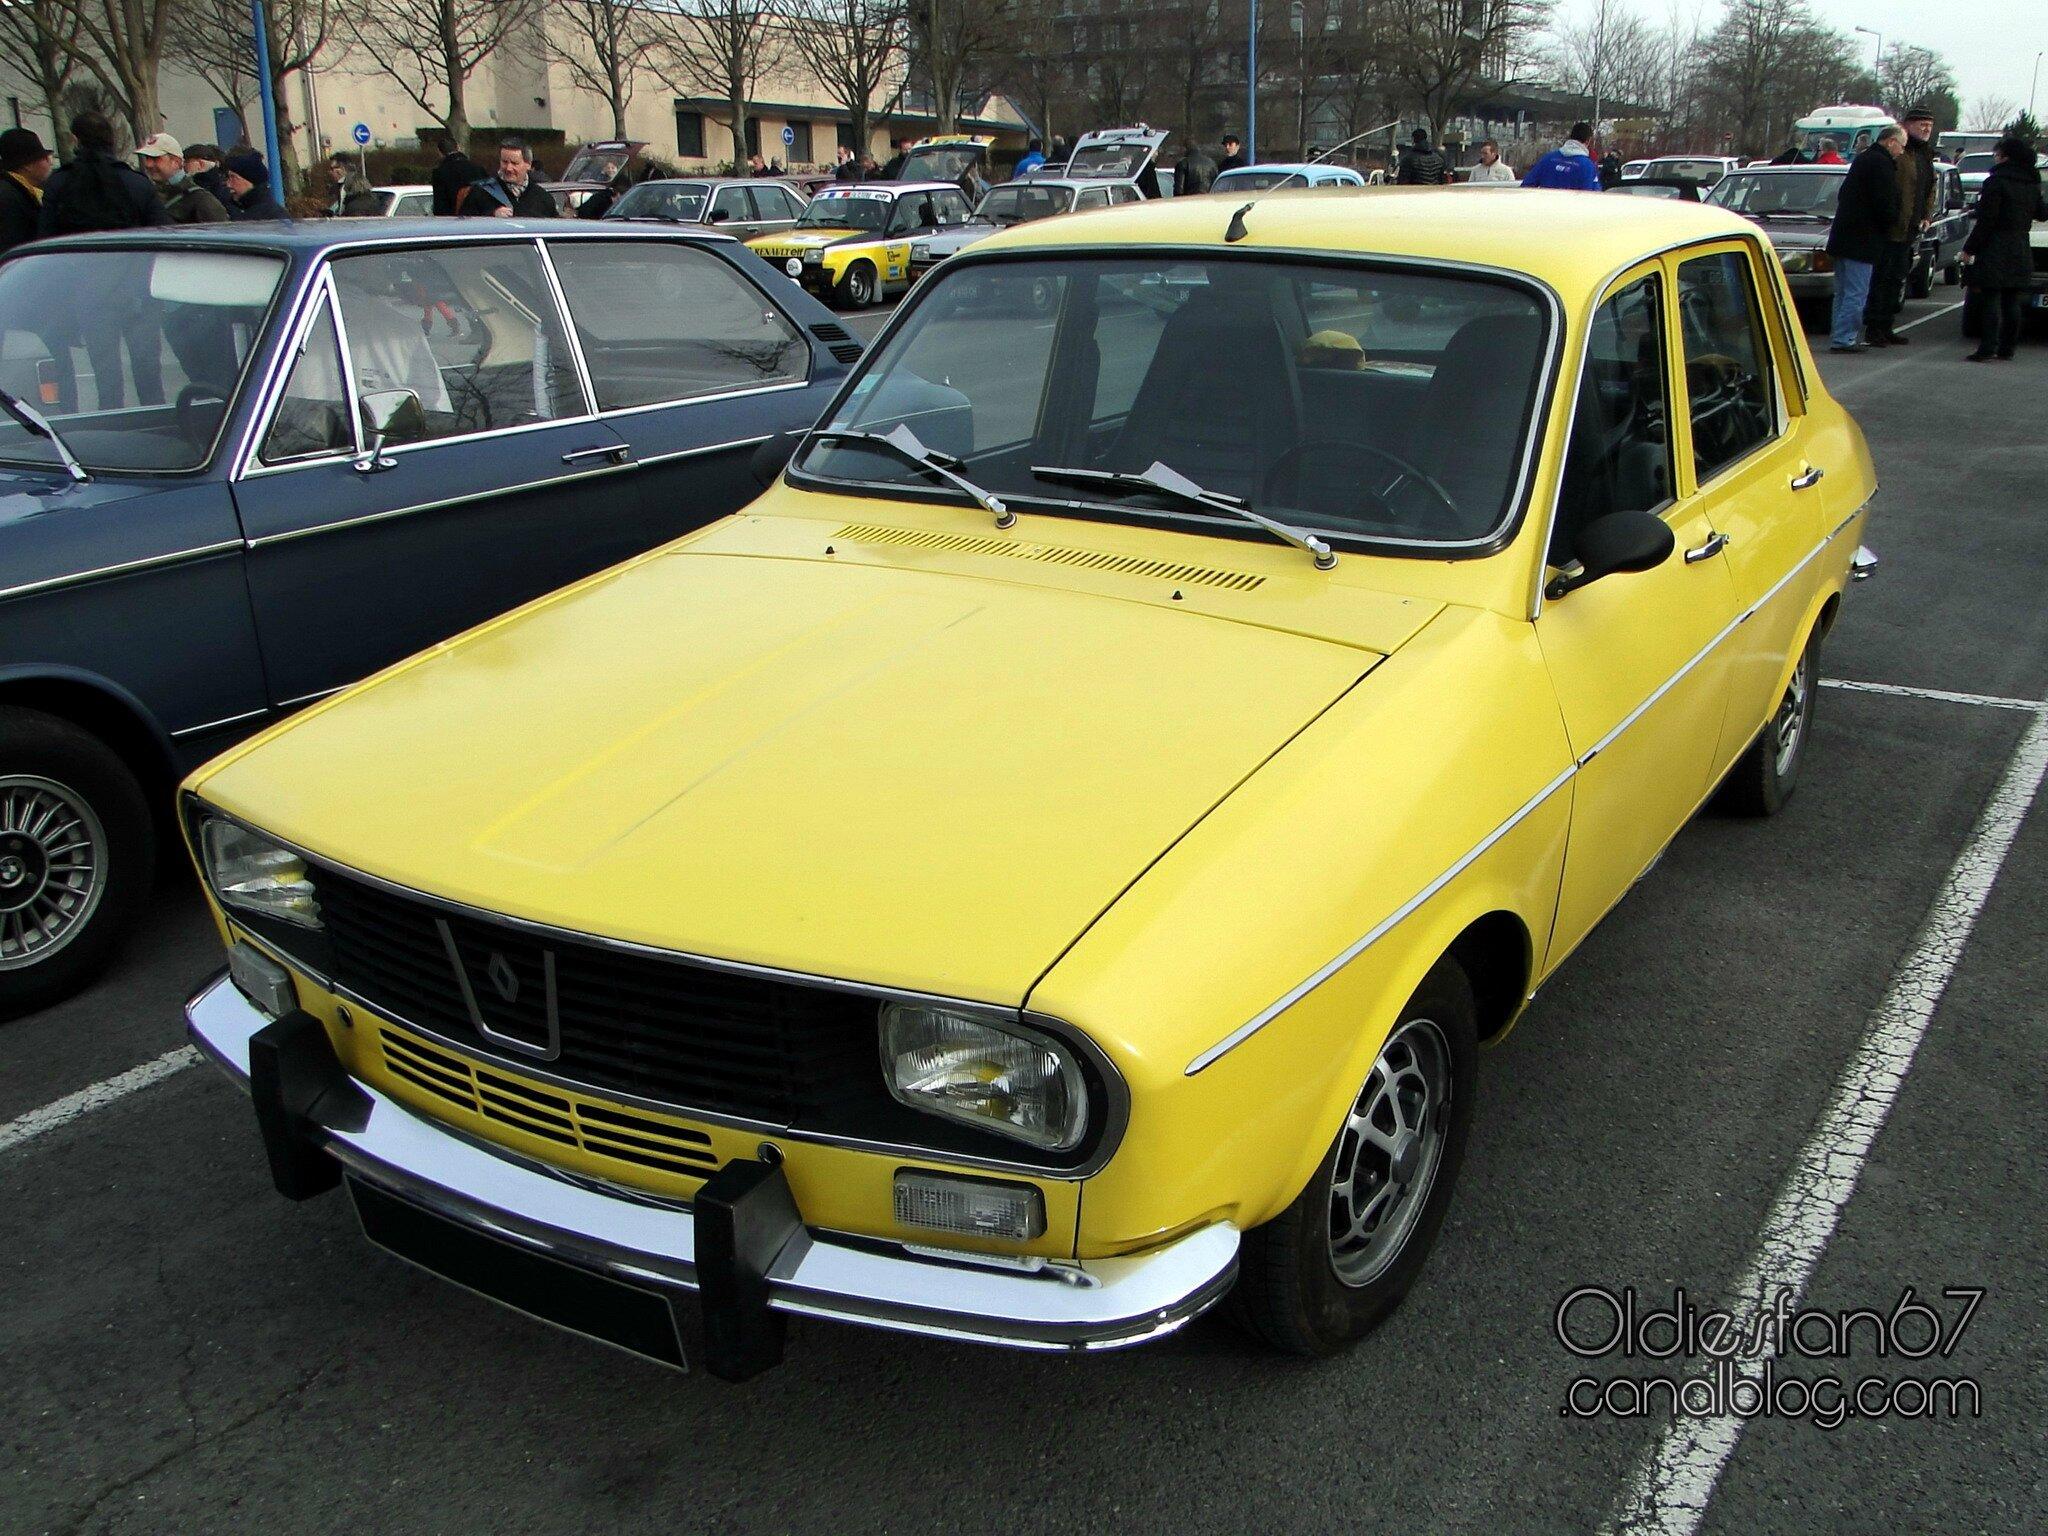 Renault 12 Ts 1972 1975 Oldiesfan67 Quot Mon Blog Auto Quot